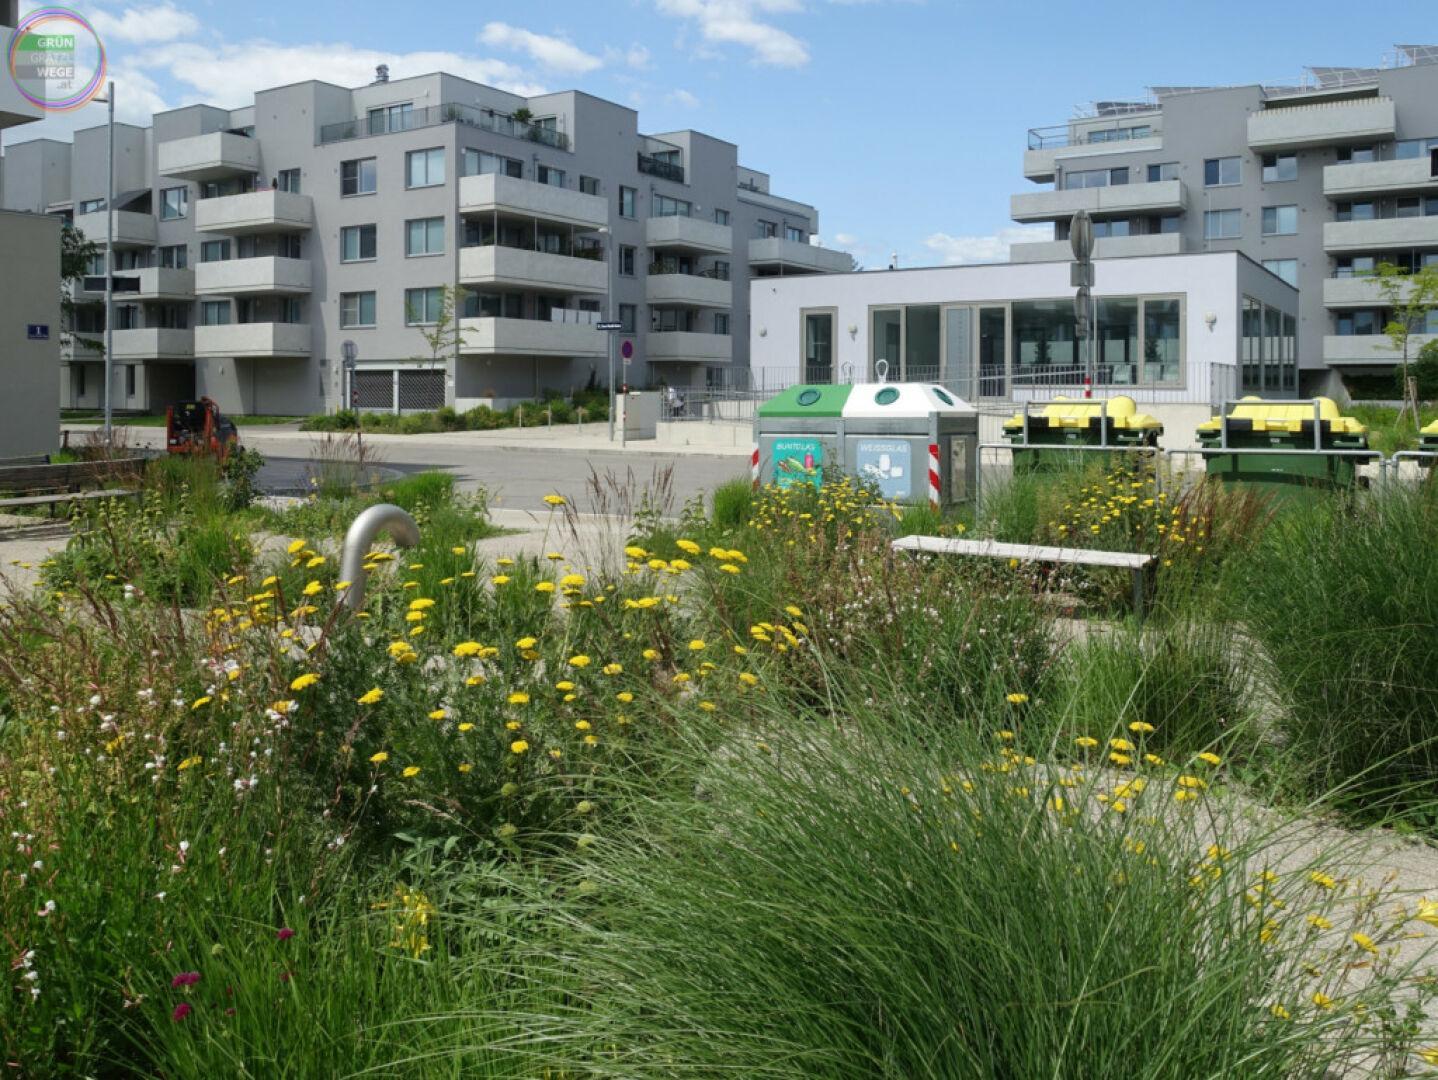 Bild Weg 5 Wilde Grünflächen in Neubauviertel